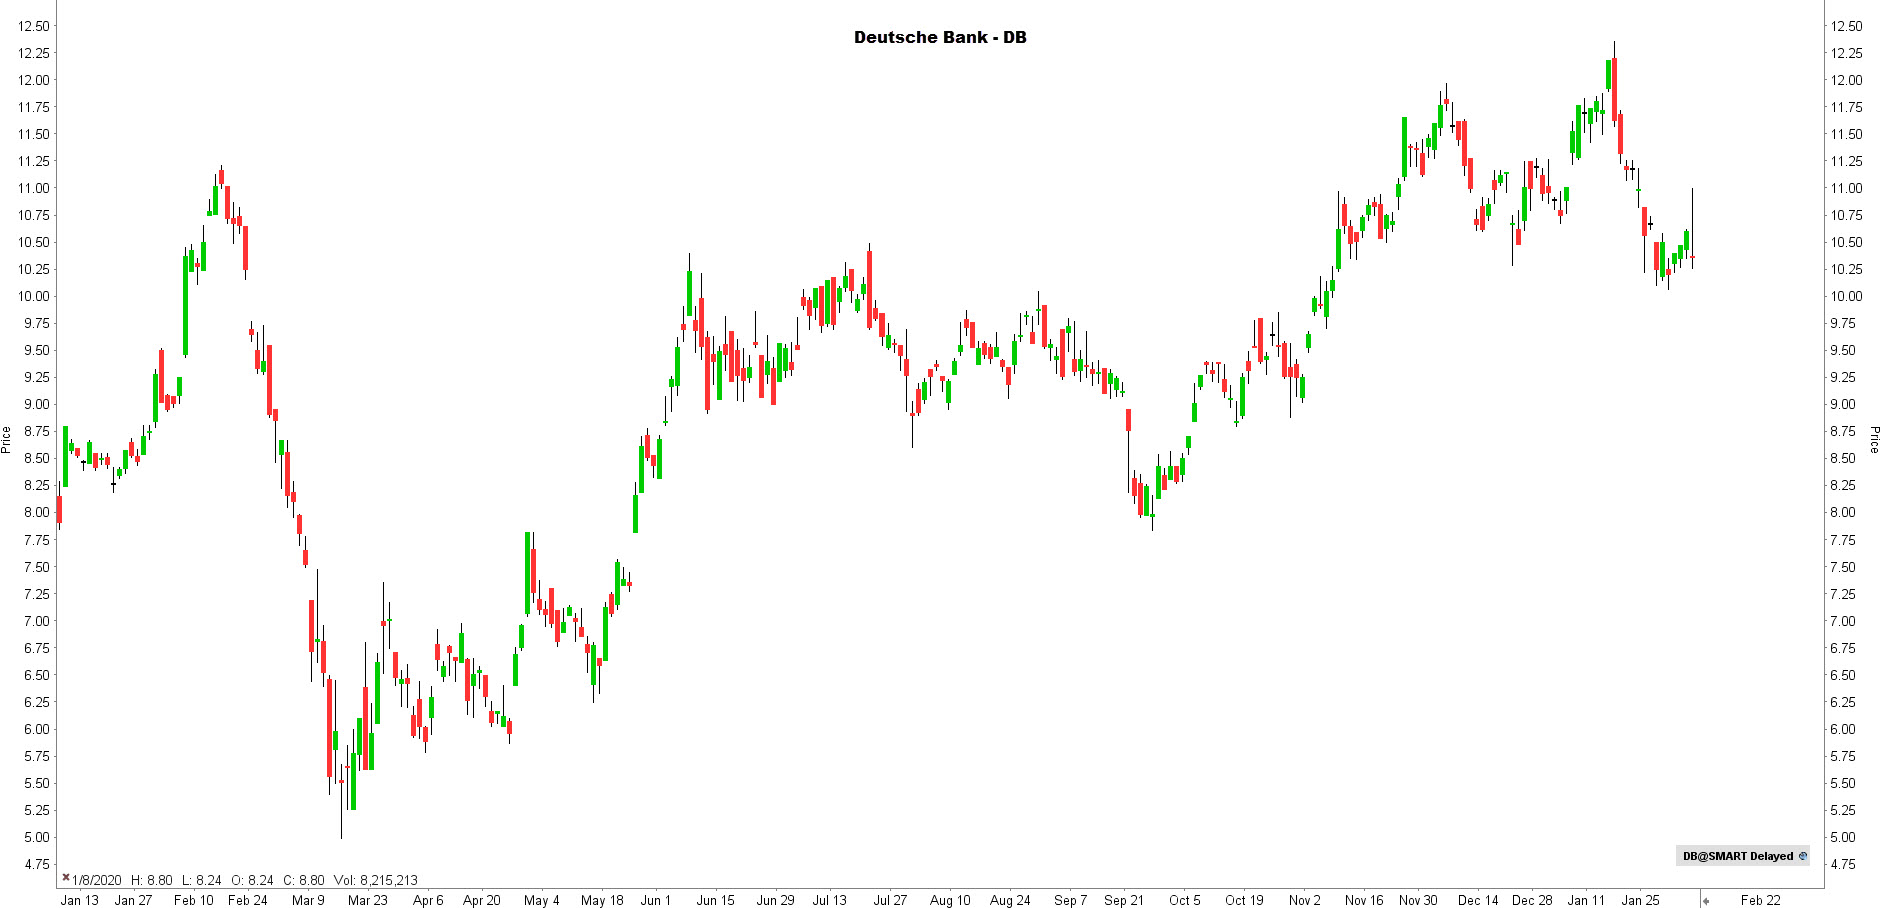 la chronique lynx broker 040221 - graphique Deutsche Bank